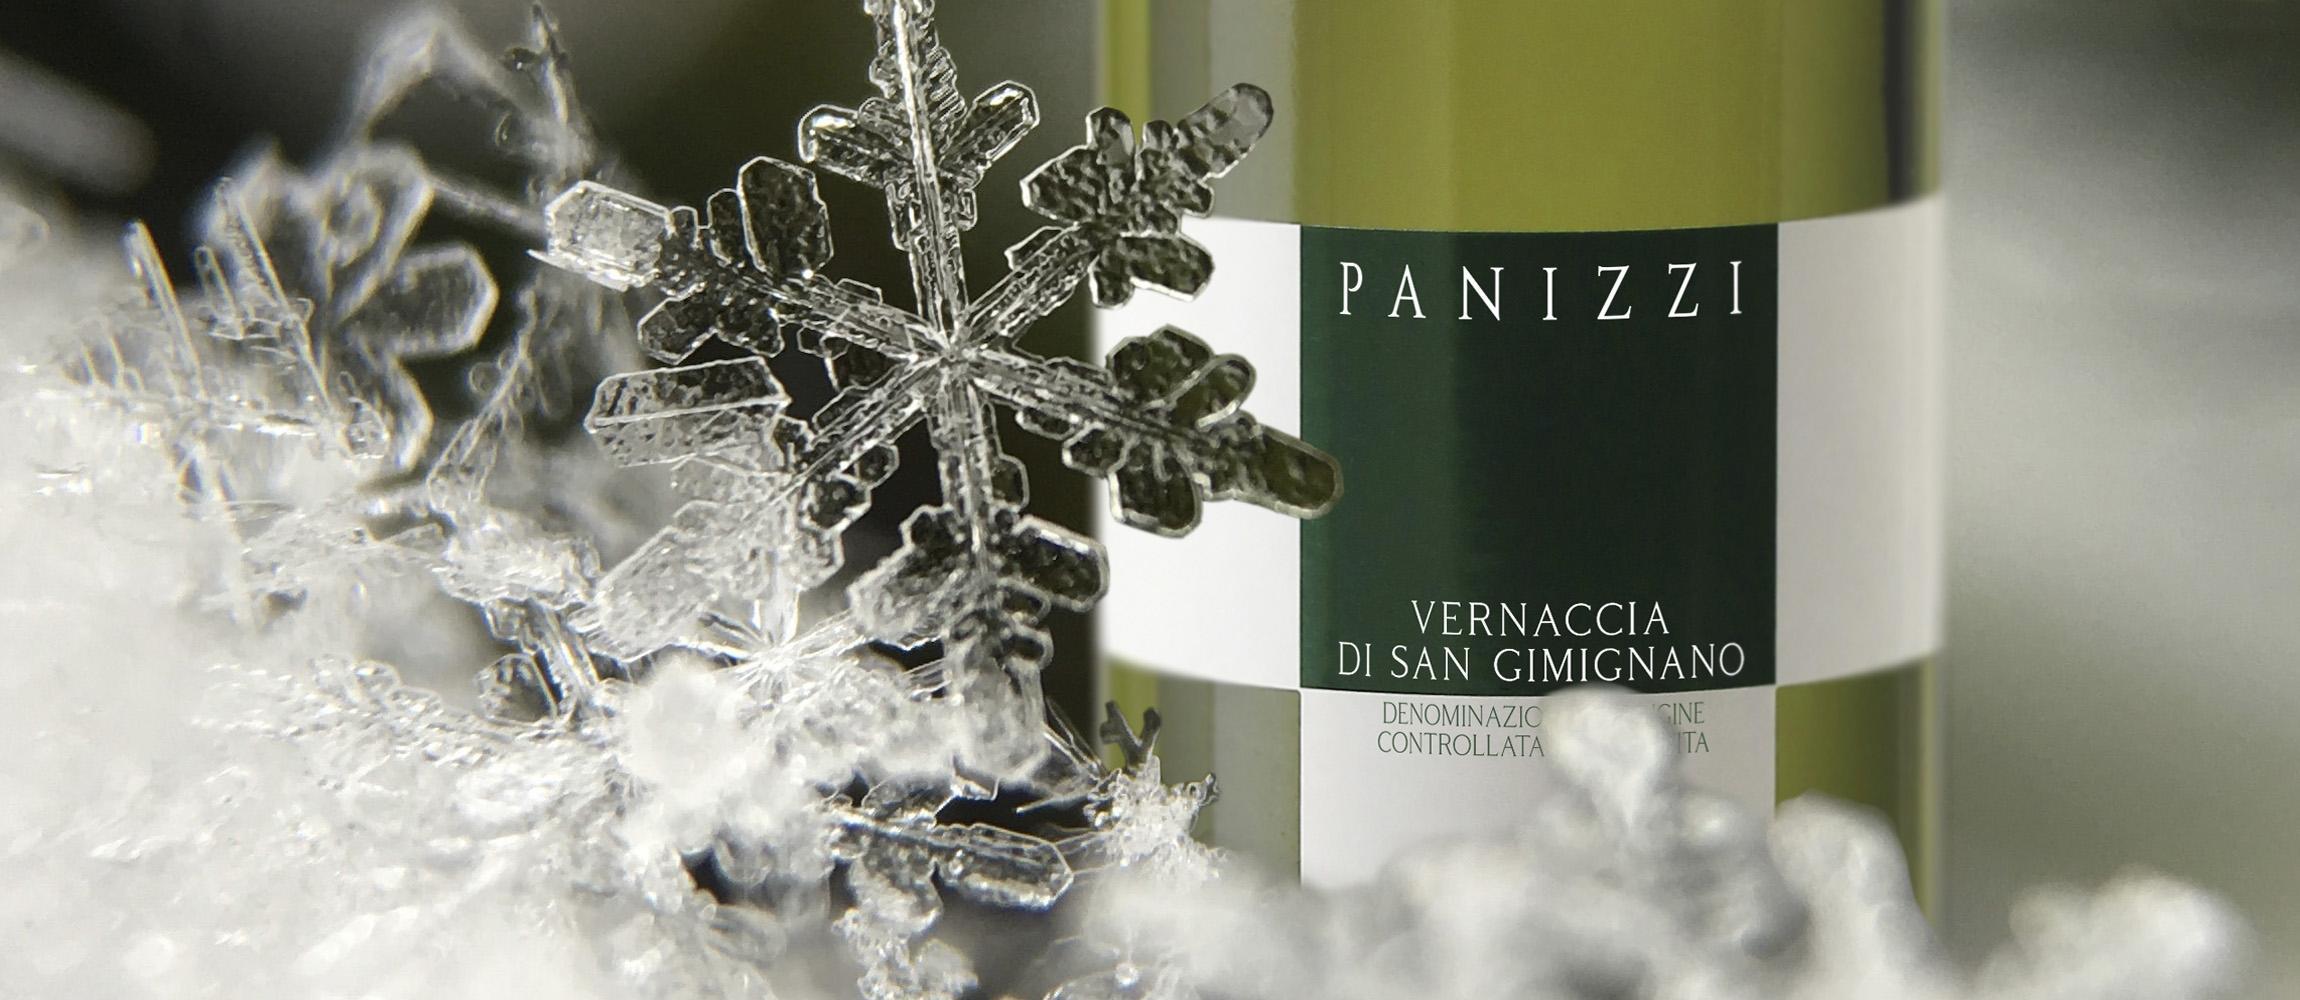 panizzi-vernaccia-2020